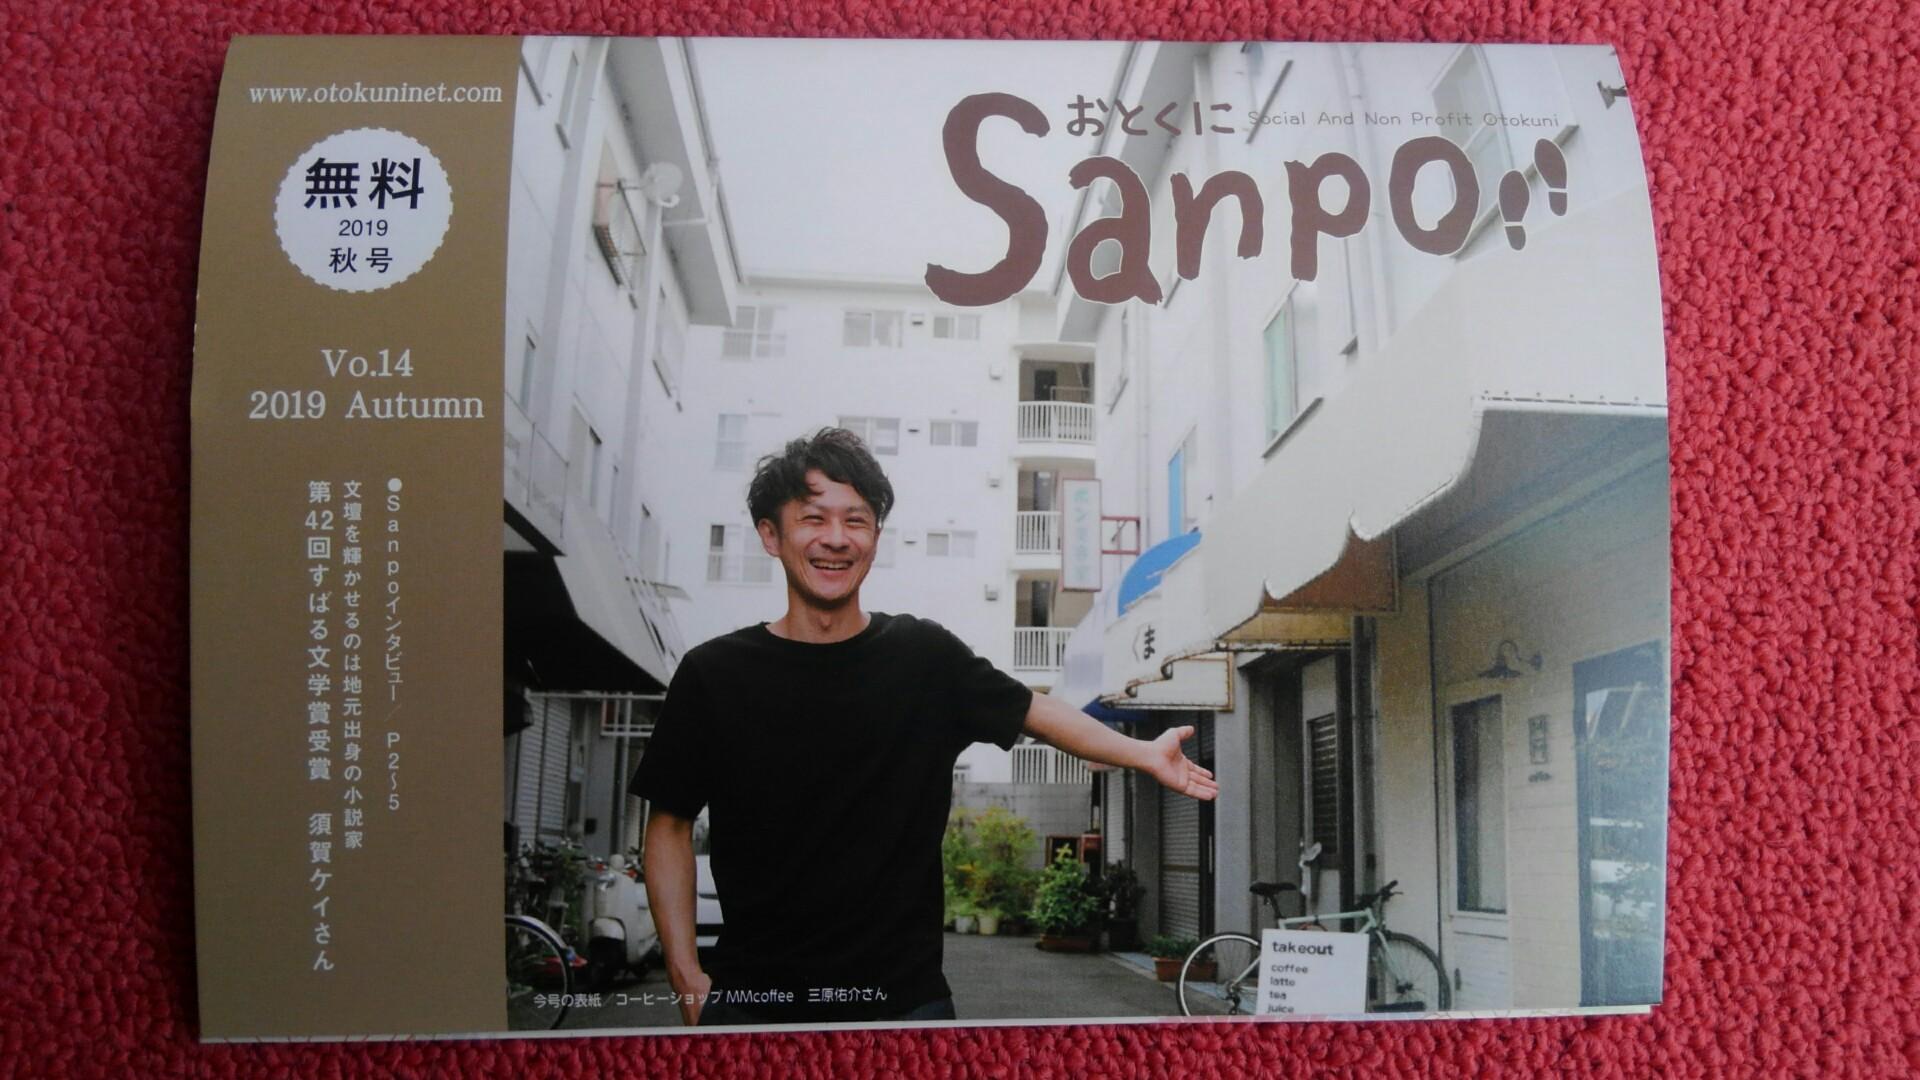 おとくにSanpo 👣 秋号に「ときめきクラブ」が掲載されました❗